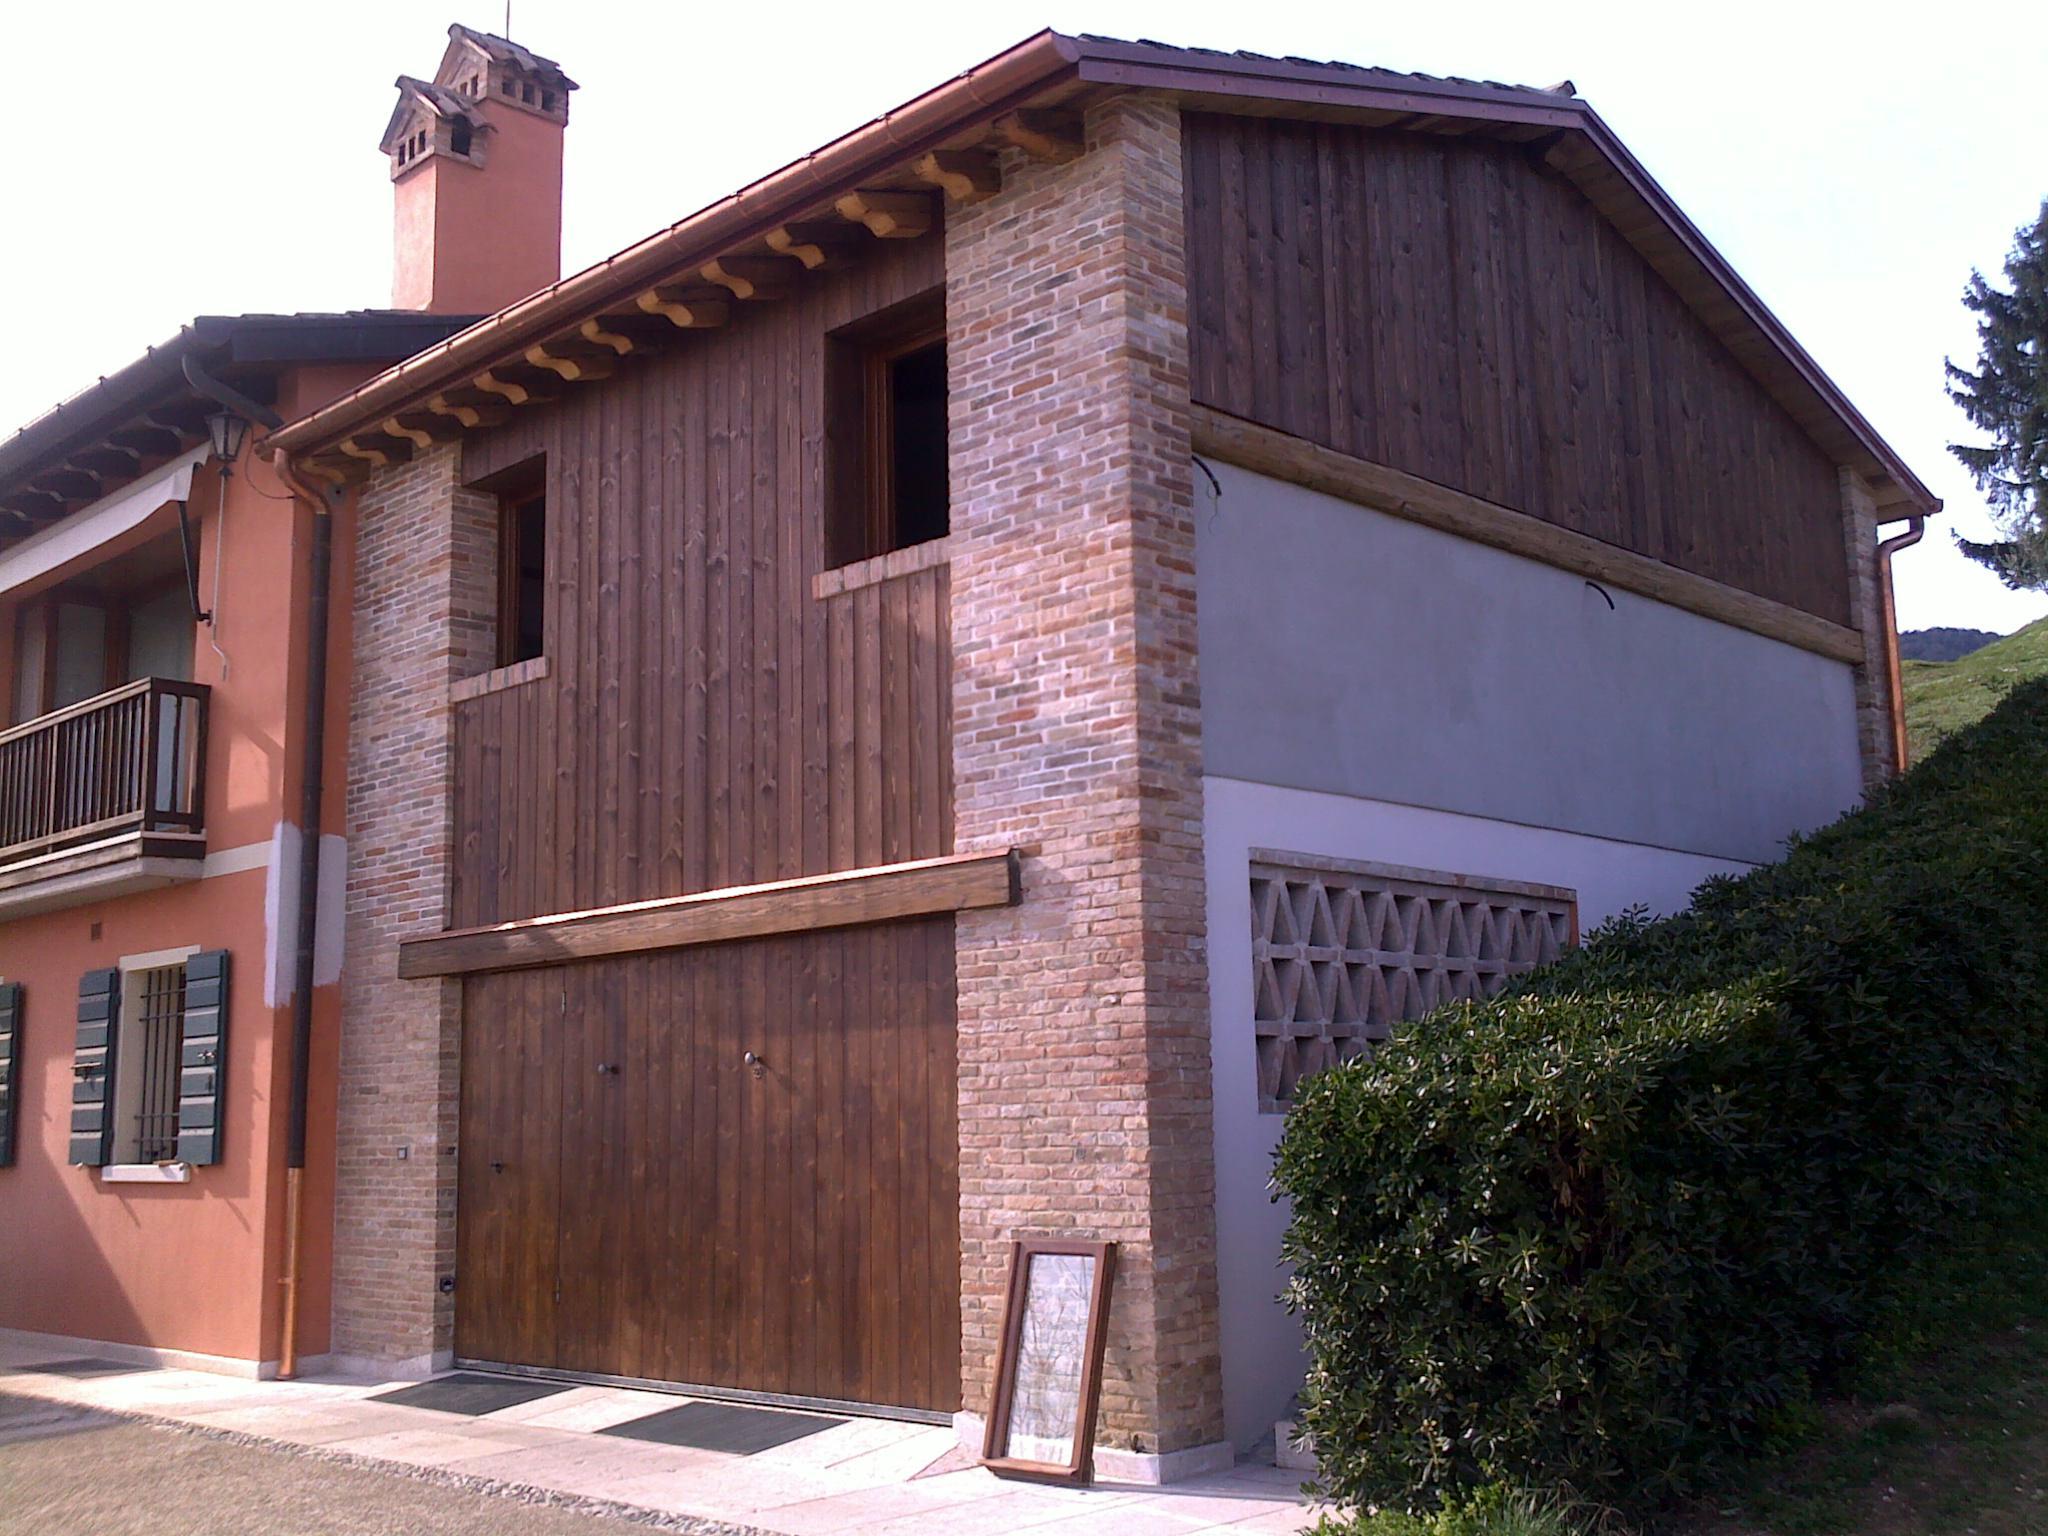 Rivestimento In Legno Per Facciate : Realizzazione rivestimenti facciate in legno veneta tetti